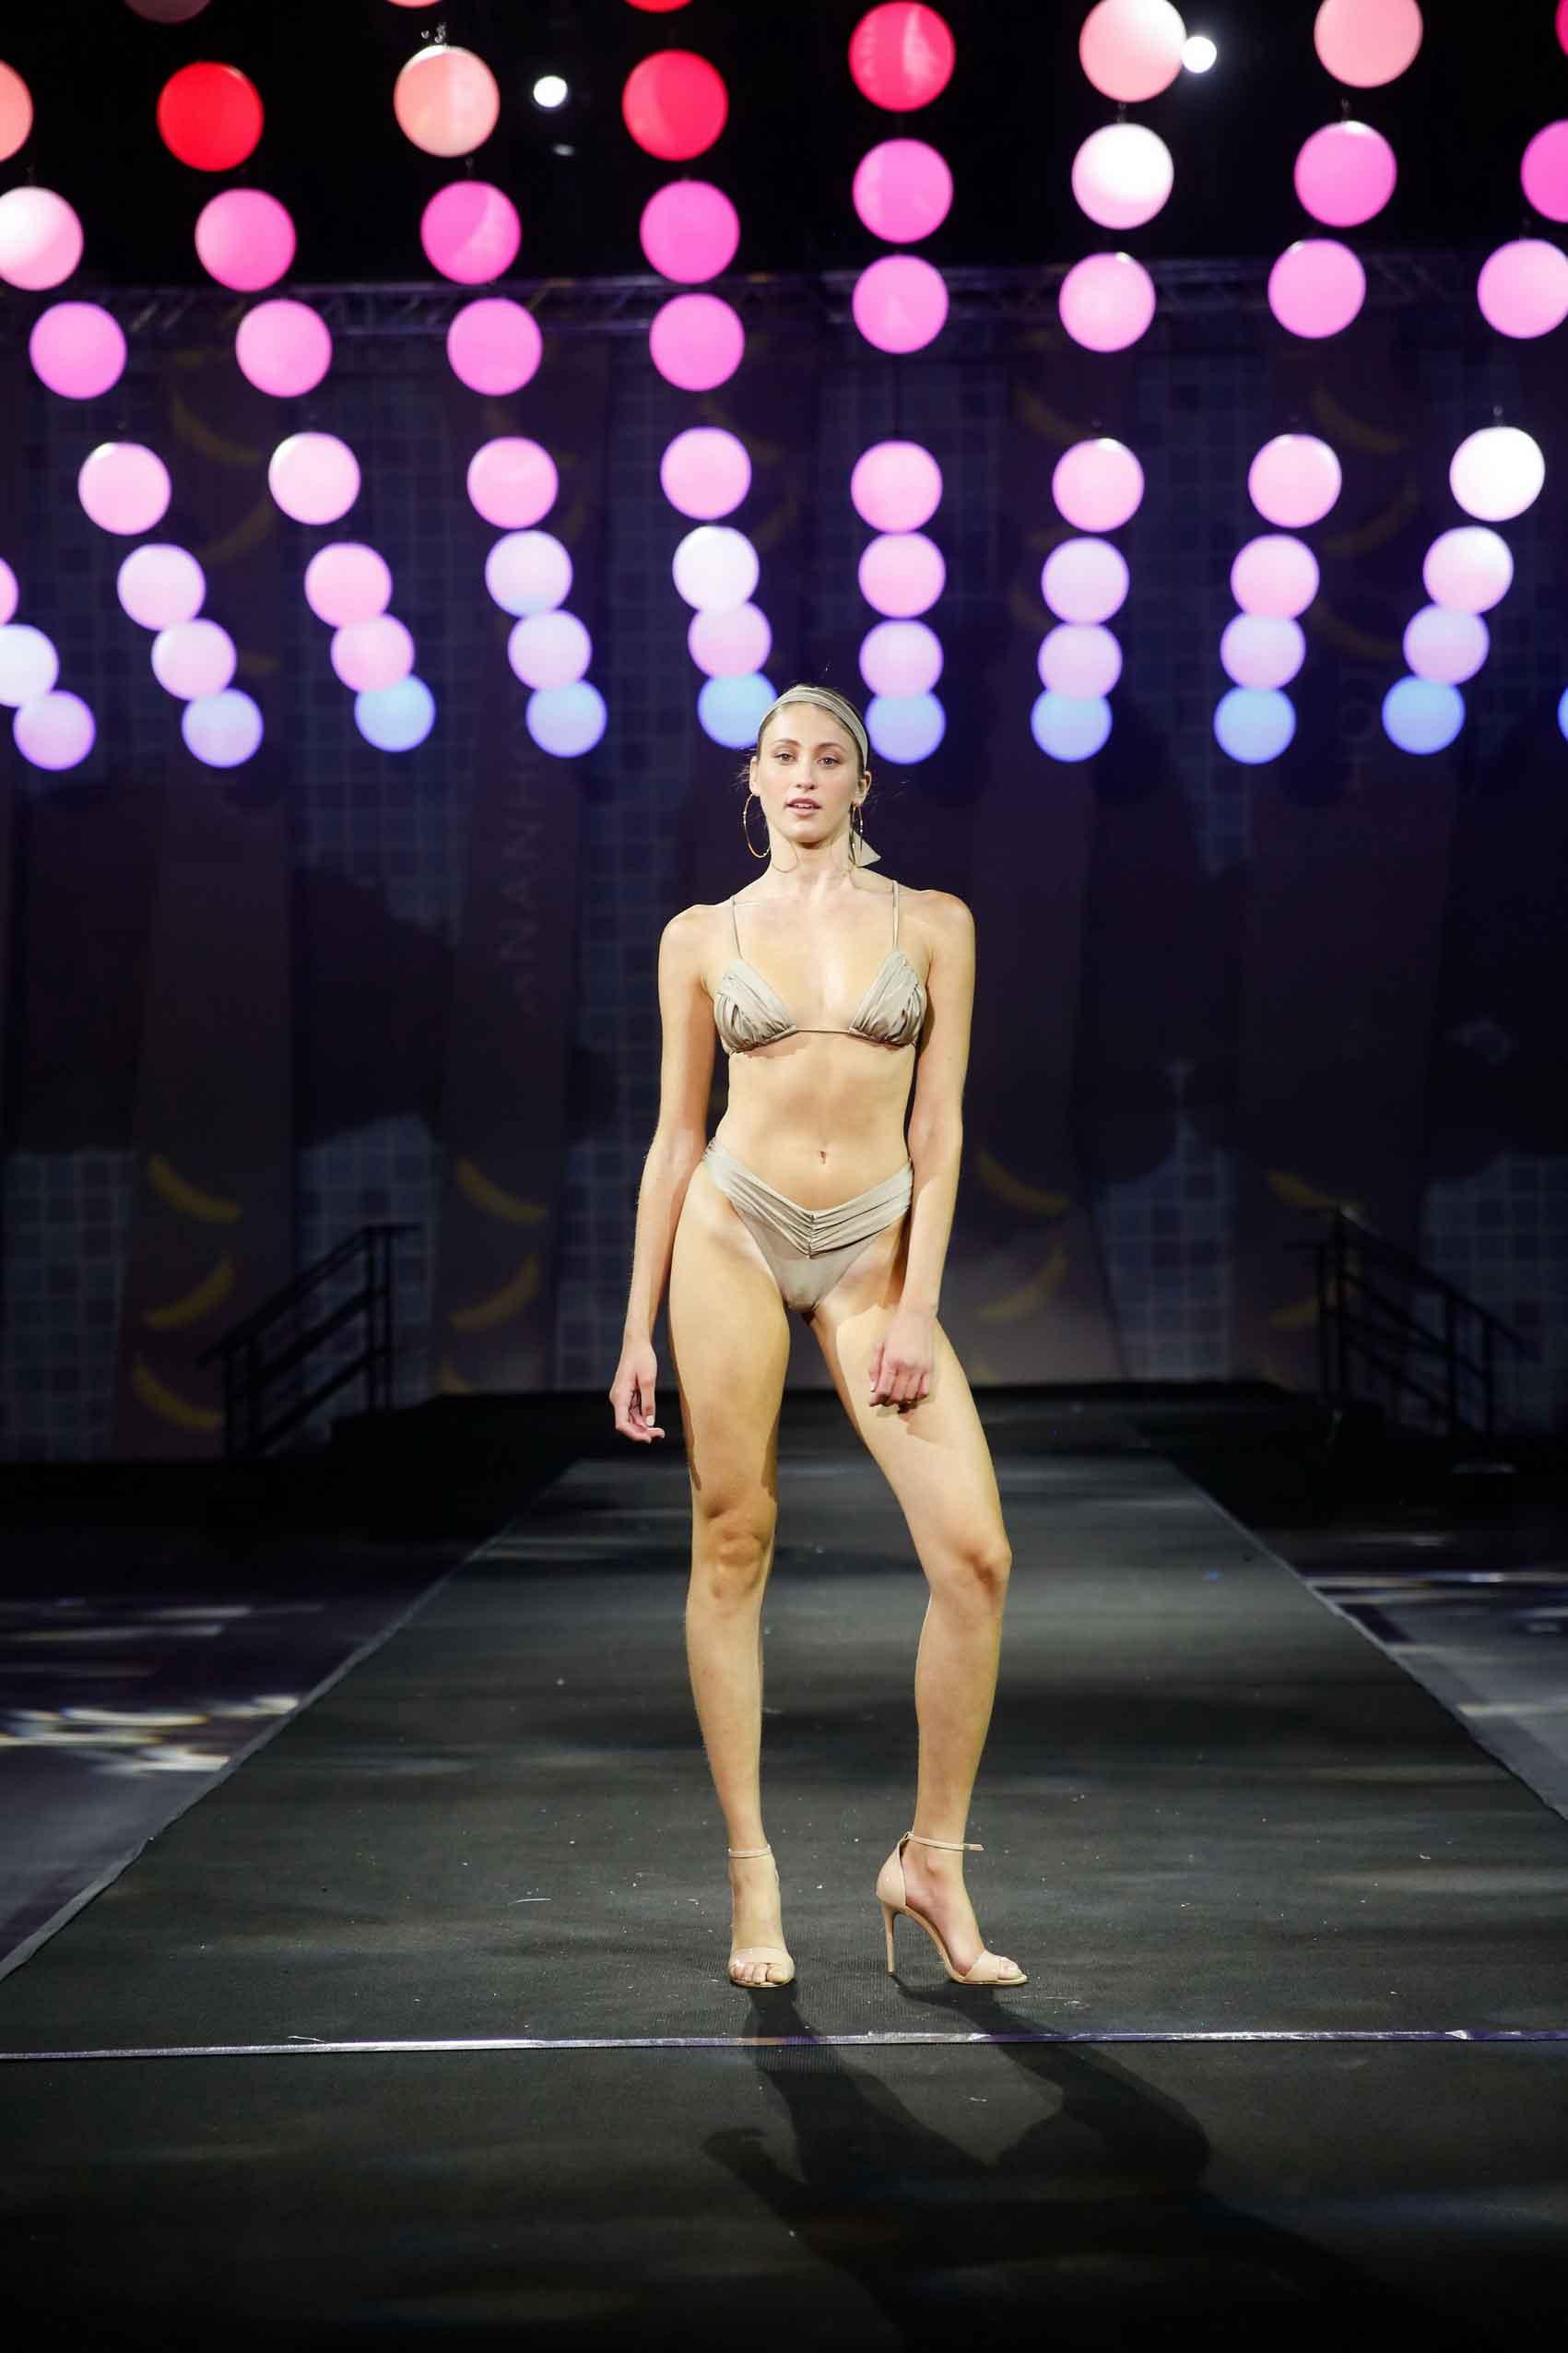 נטע אלחמיסטר, נועה בני, בננהוט-חדשות-אופנה-מגזין-אופנה-קורונה